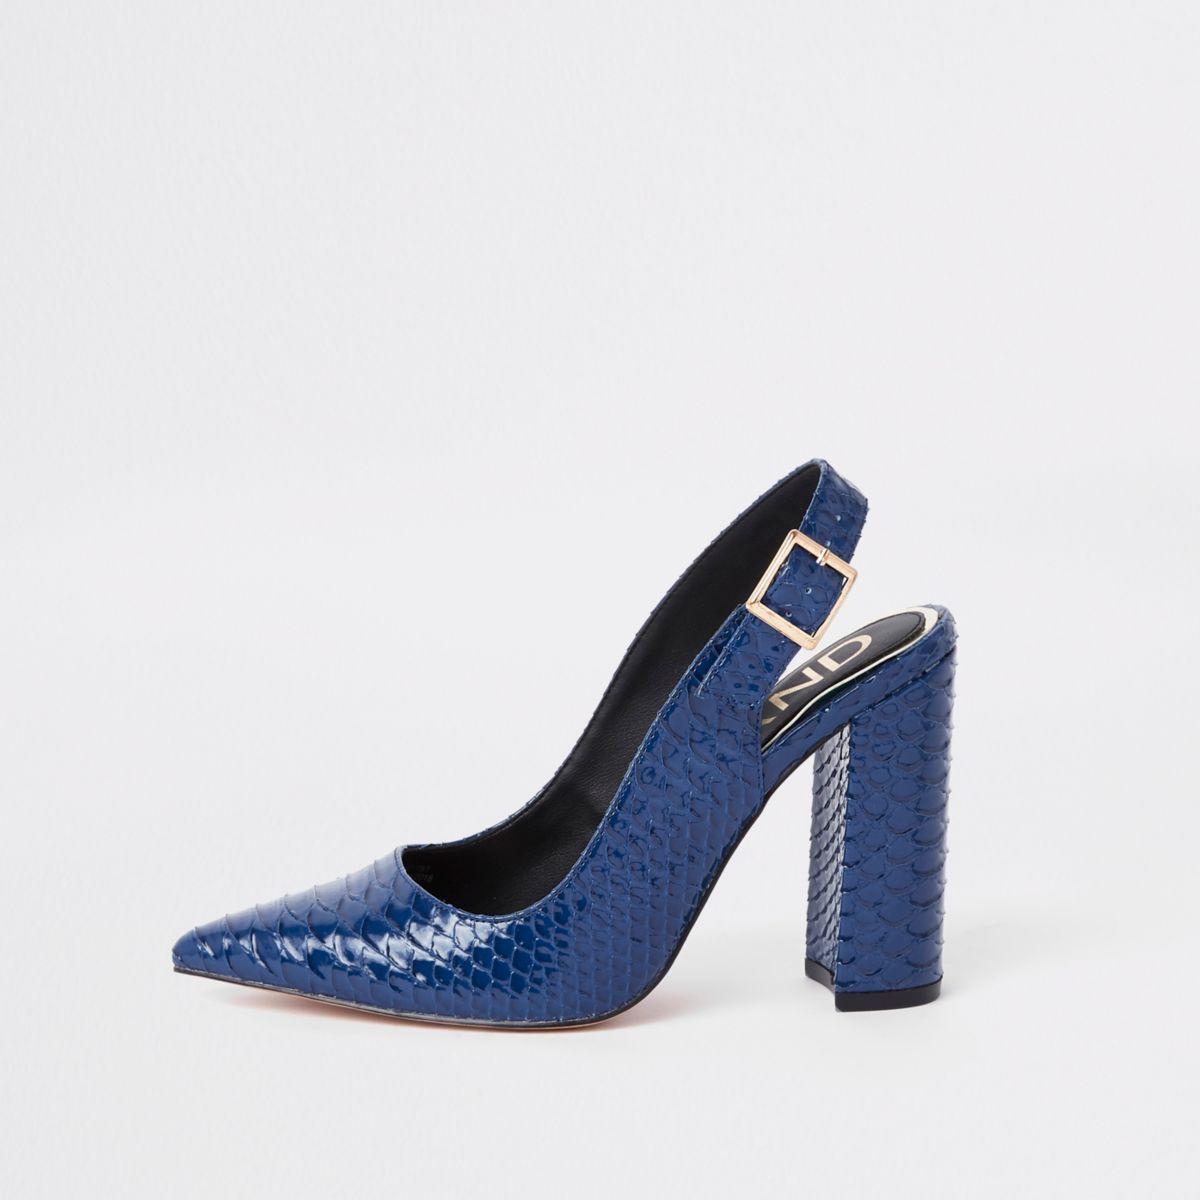 Blue croc block heel sling back court shoes